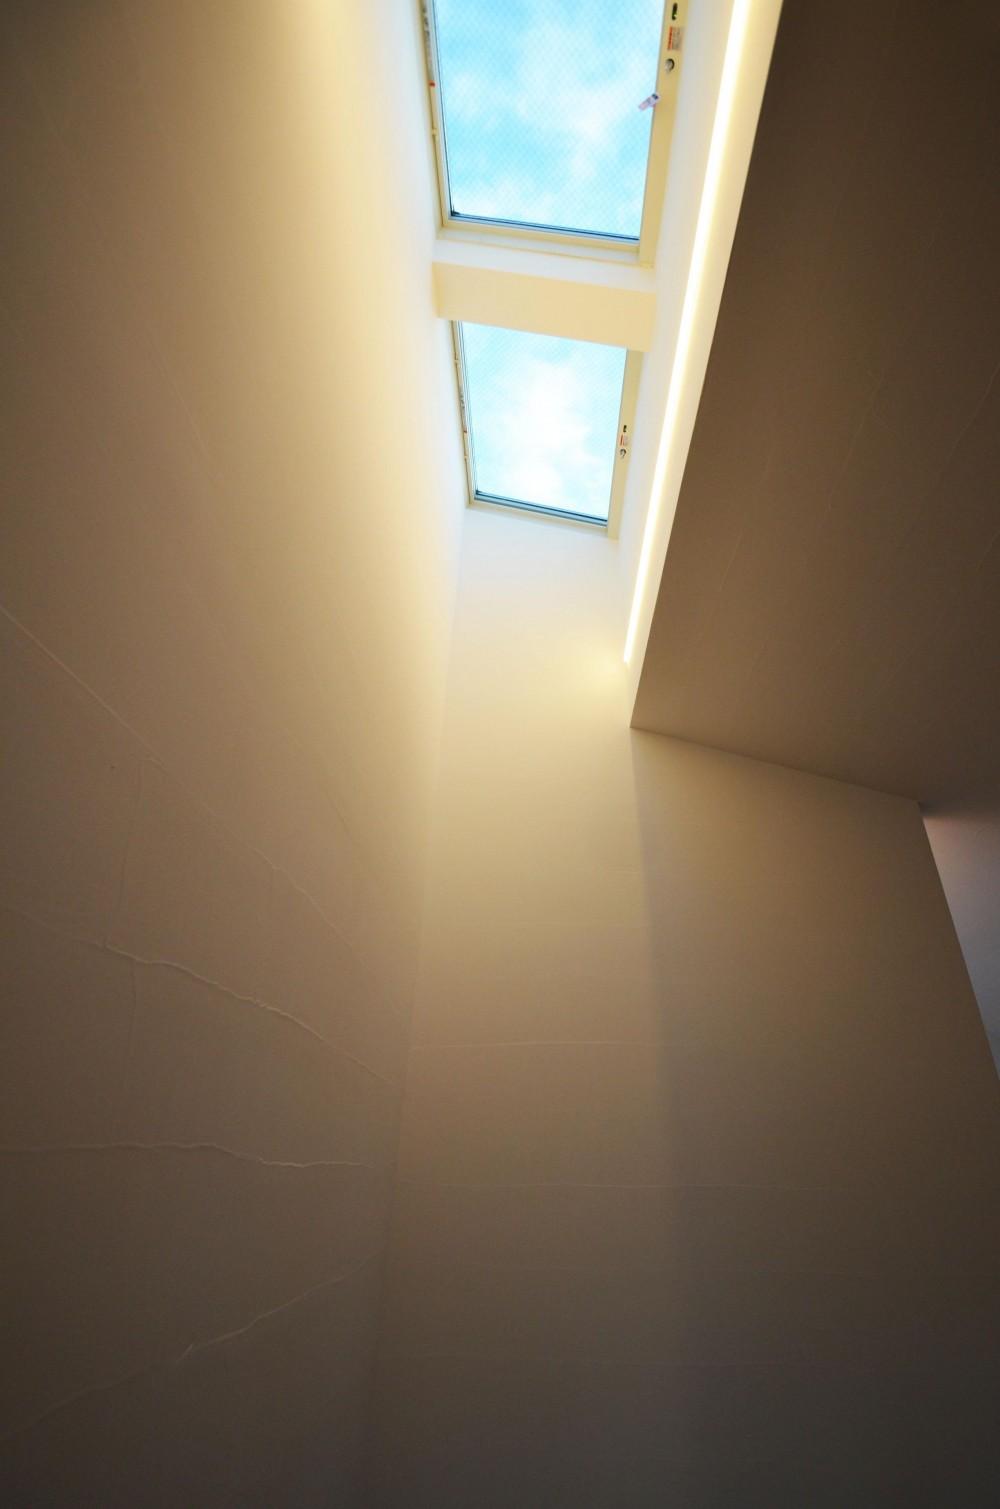 柿の木台M邸-天窓付き階段を中央に配する2階リビングの家- (トップライト)